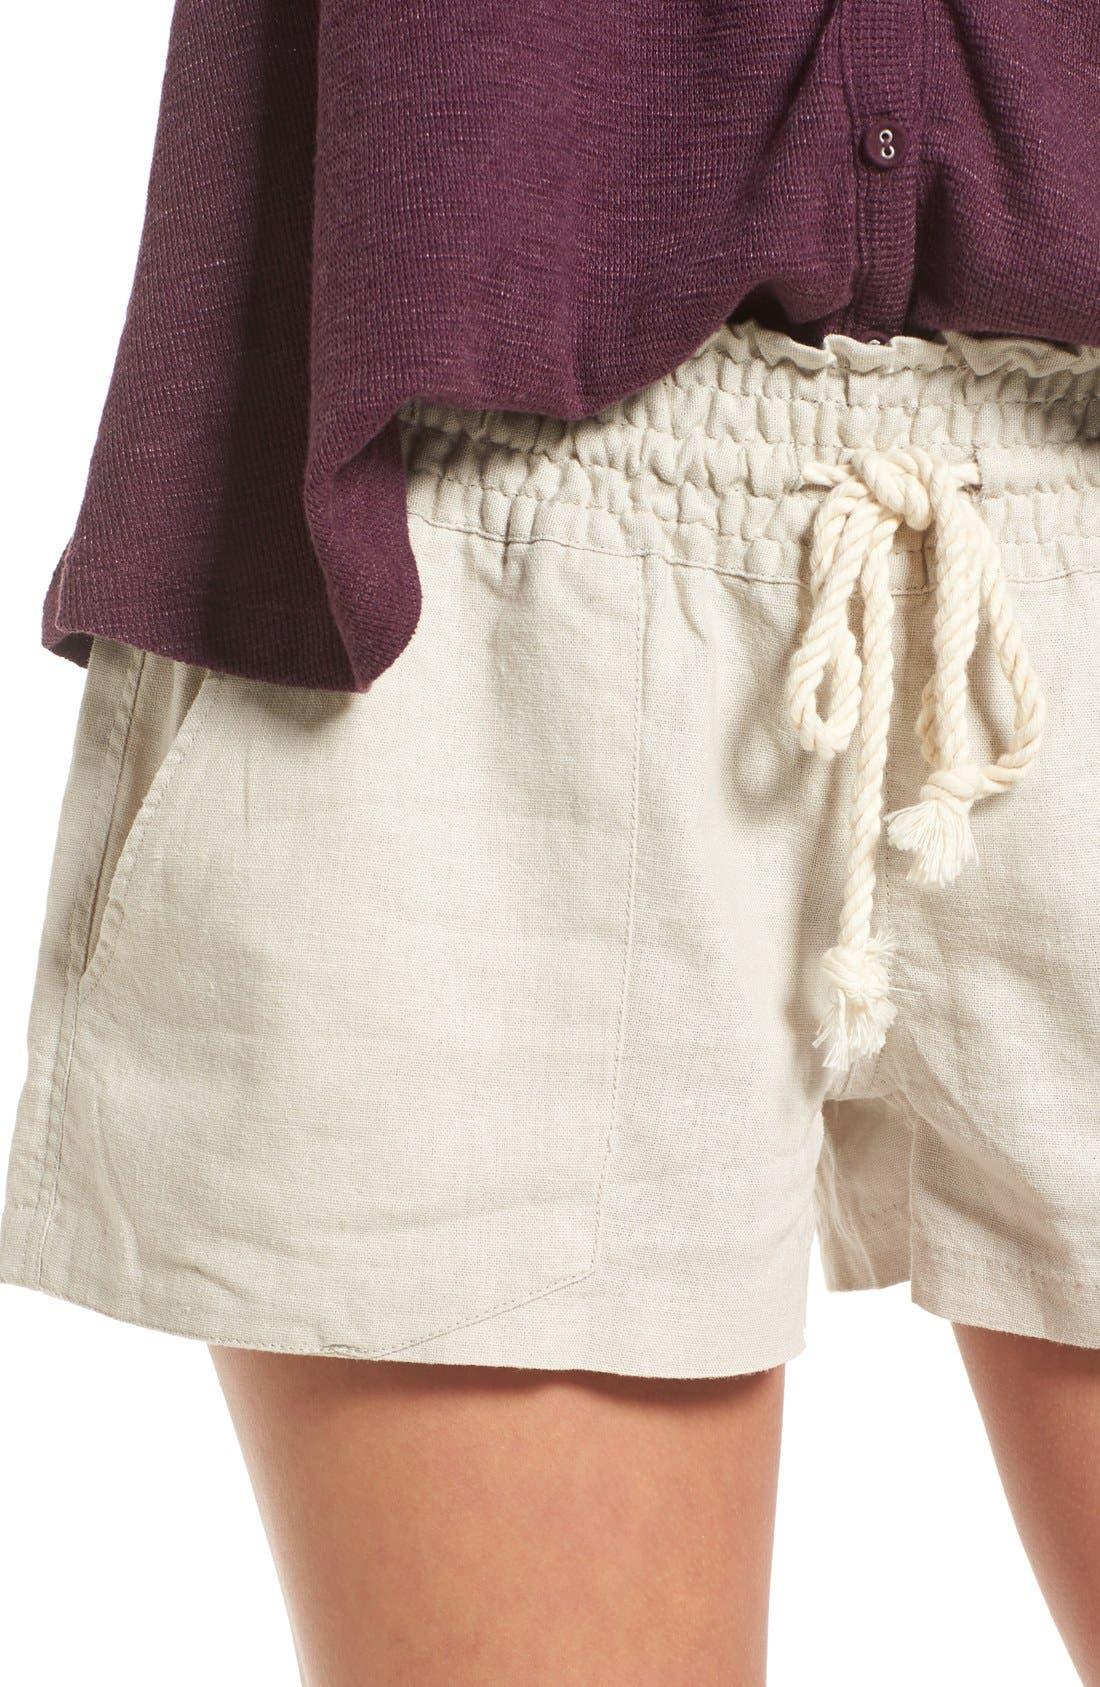 'Oceanside' Linen Blend Shorts,                             Alternate thumbnail 4, color,                             STONE